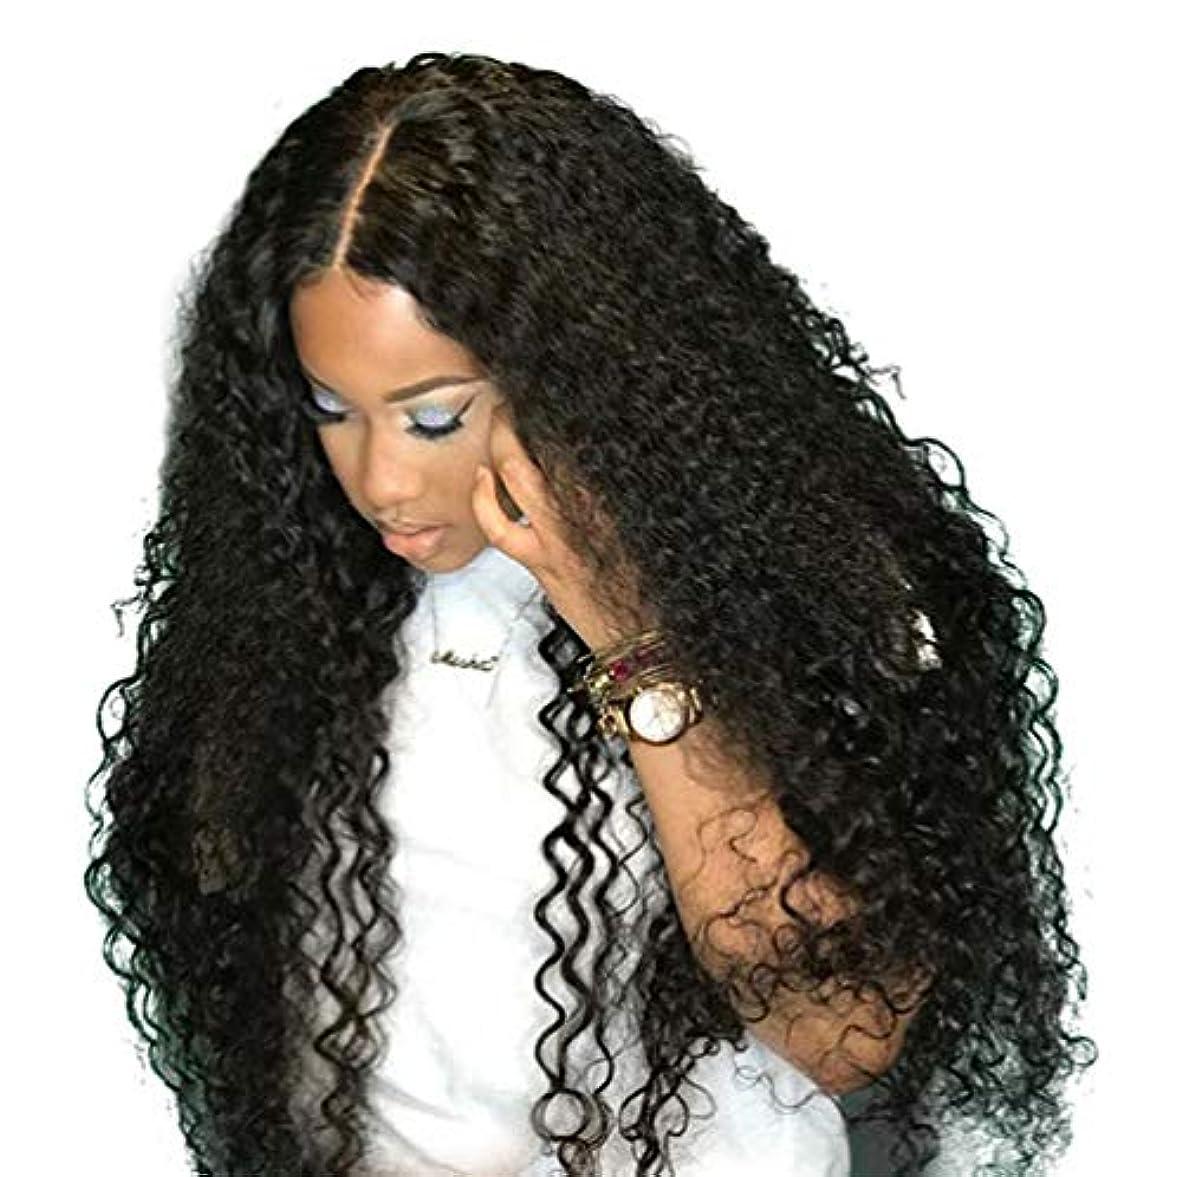 相対性理論出版カルシウムブラジルレースかつらカーリーウェーブグルーレスレースかつら前頭かつら女性130%密度ブラジルカーリー人間の髪の毛黒26インチ